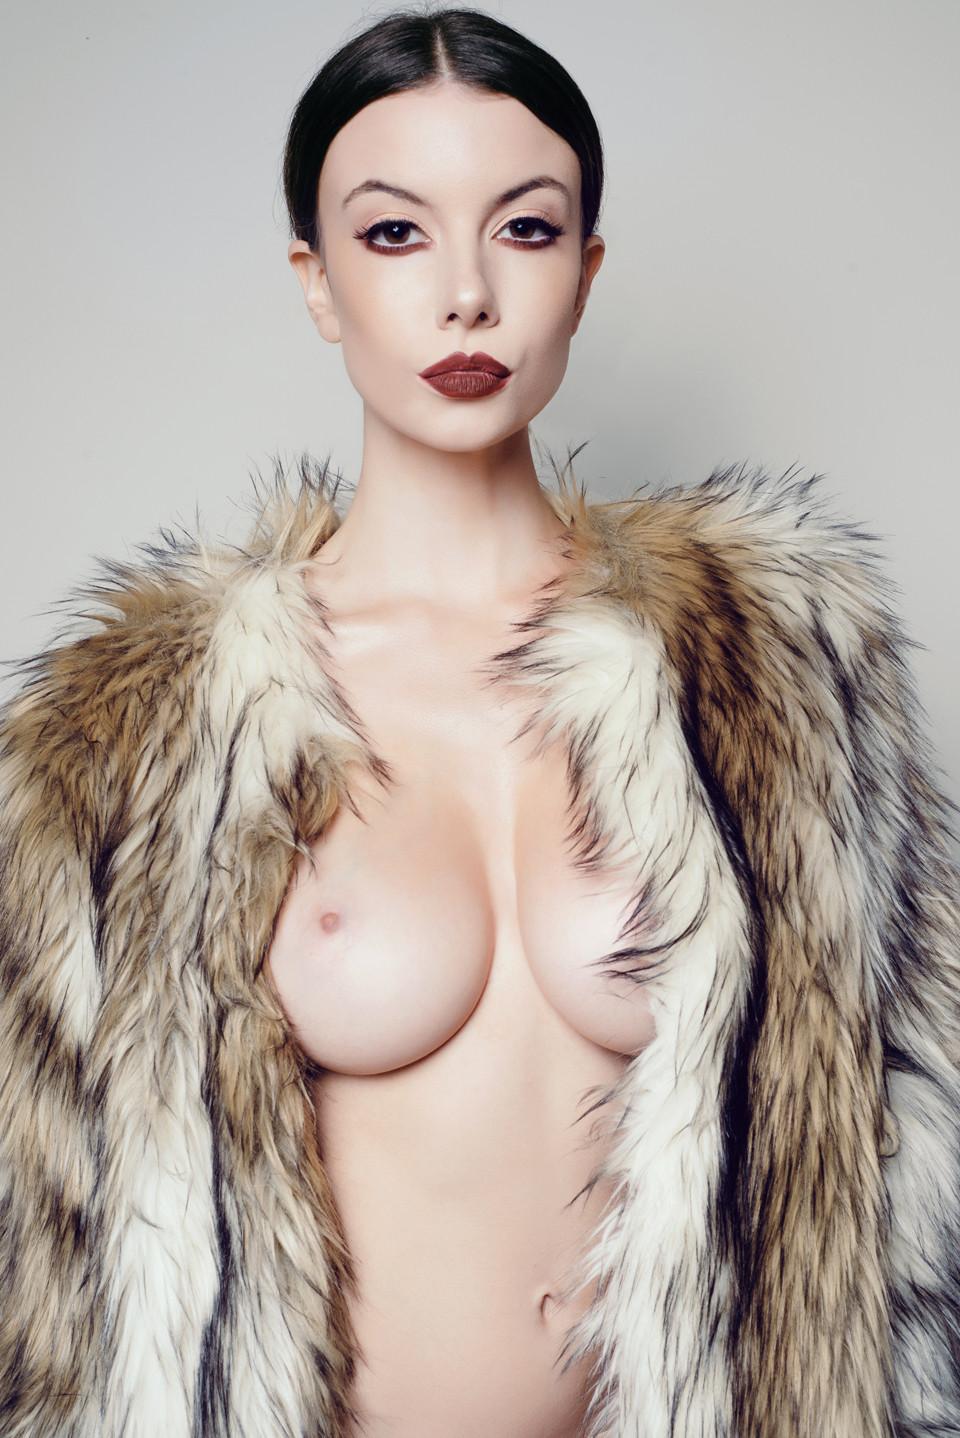 Olivia Rose Keegan Nude photo 4